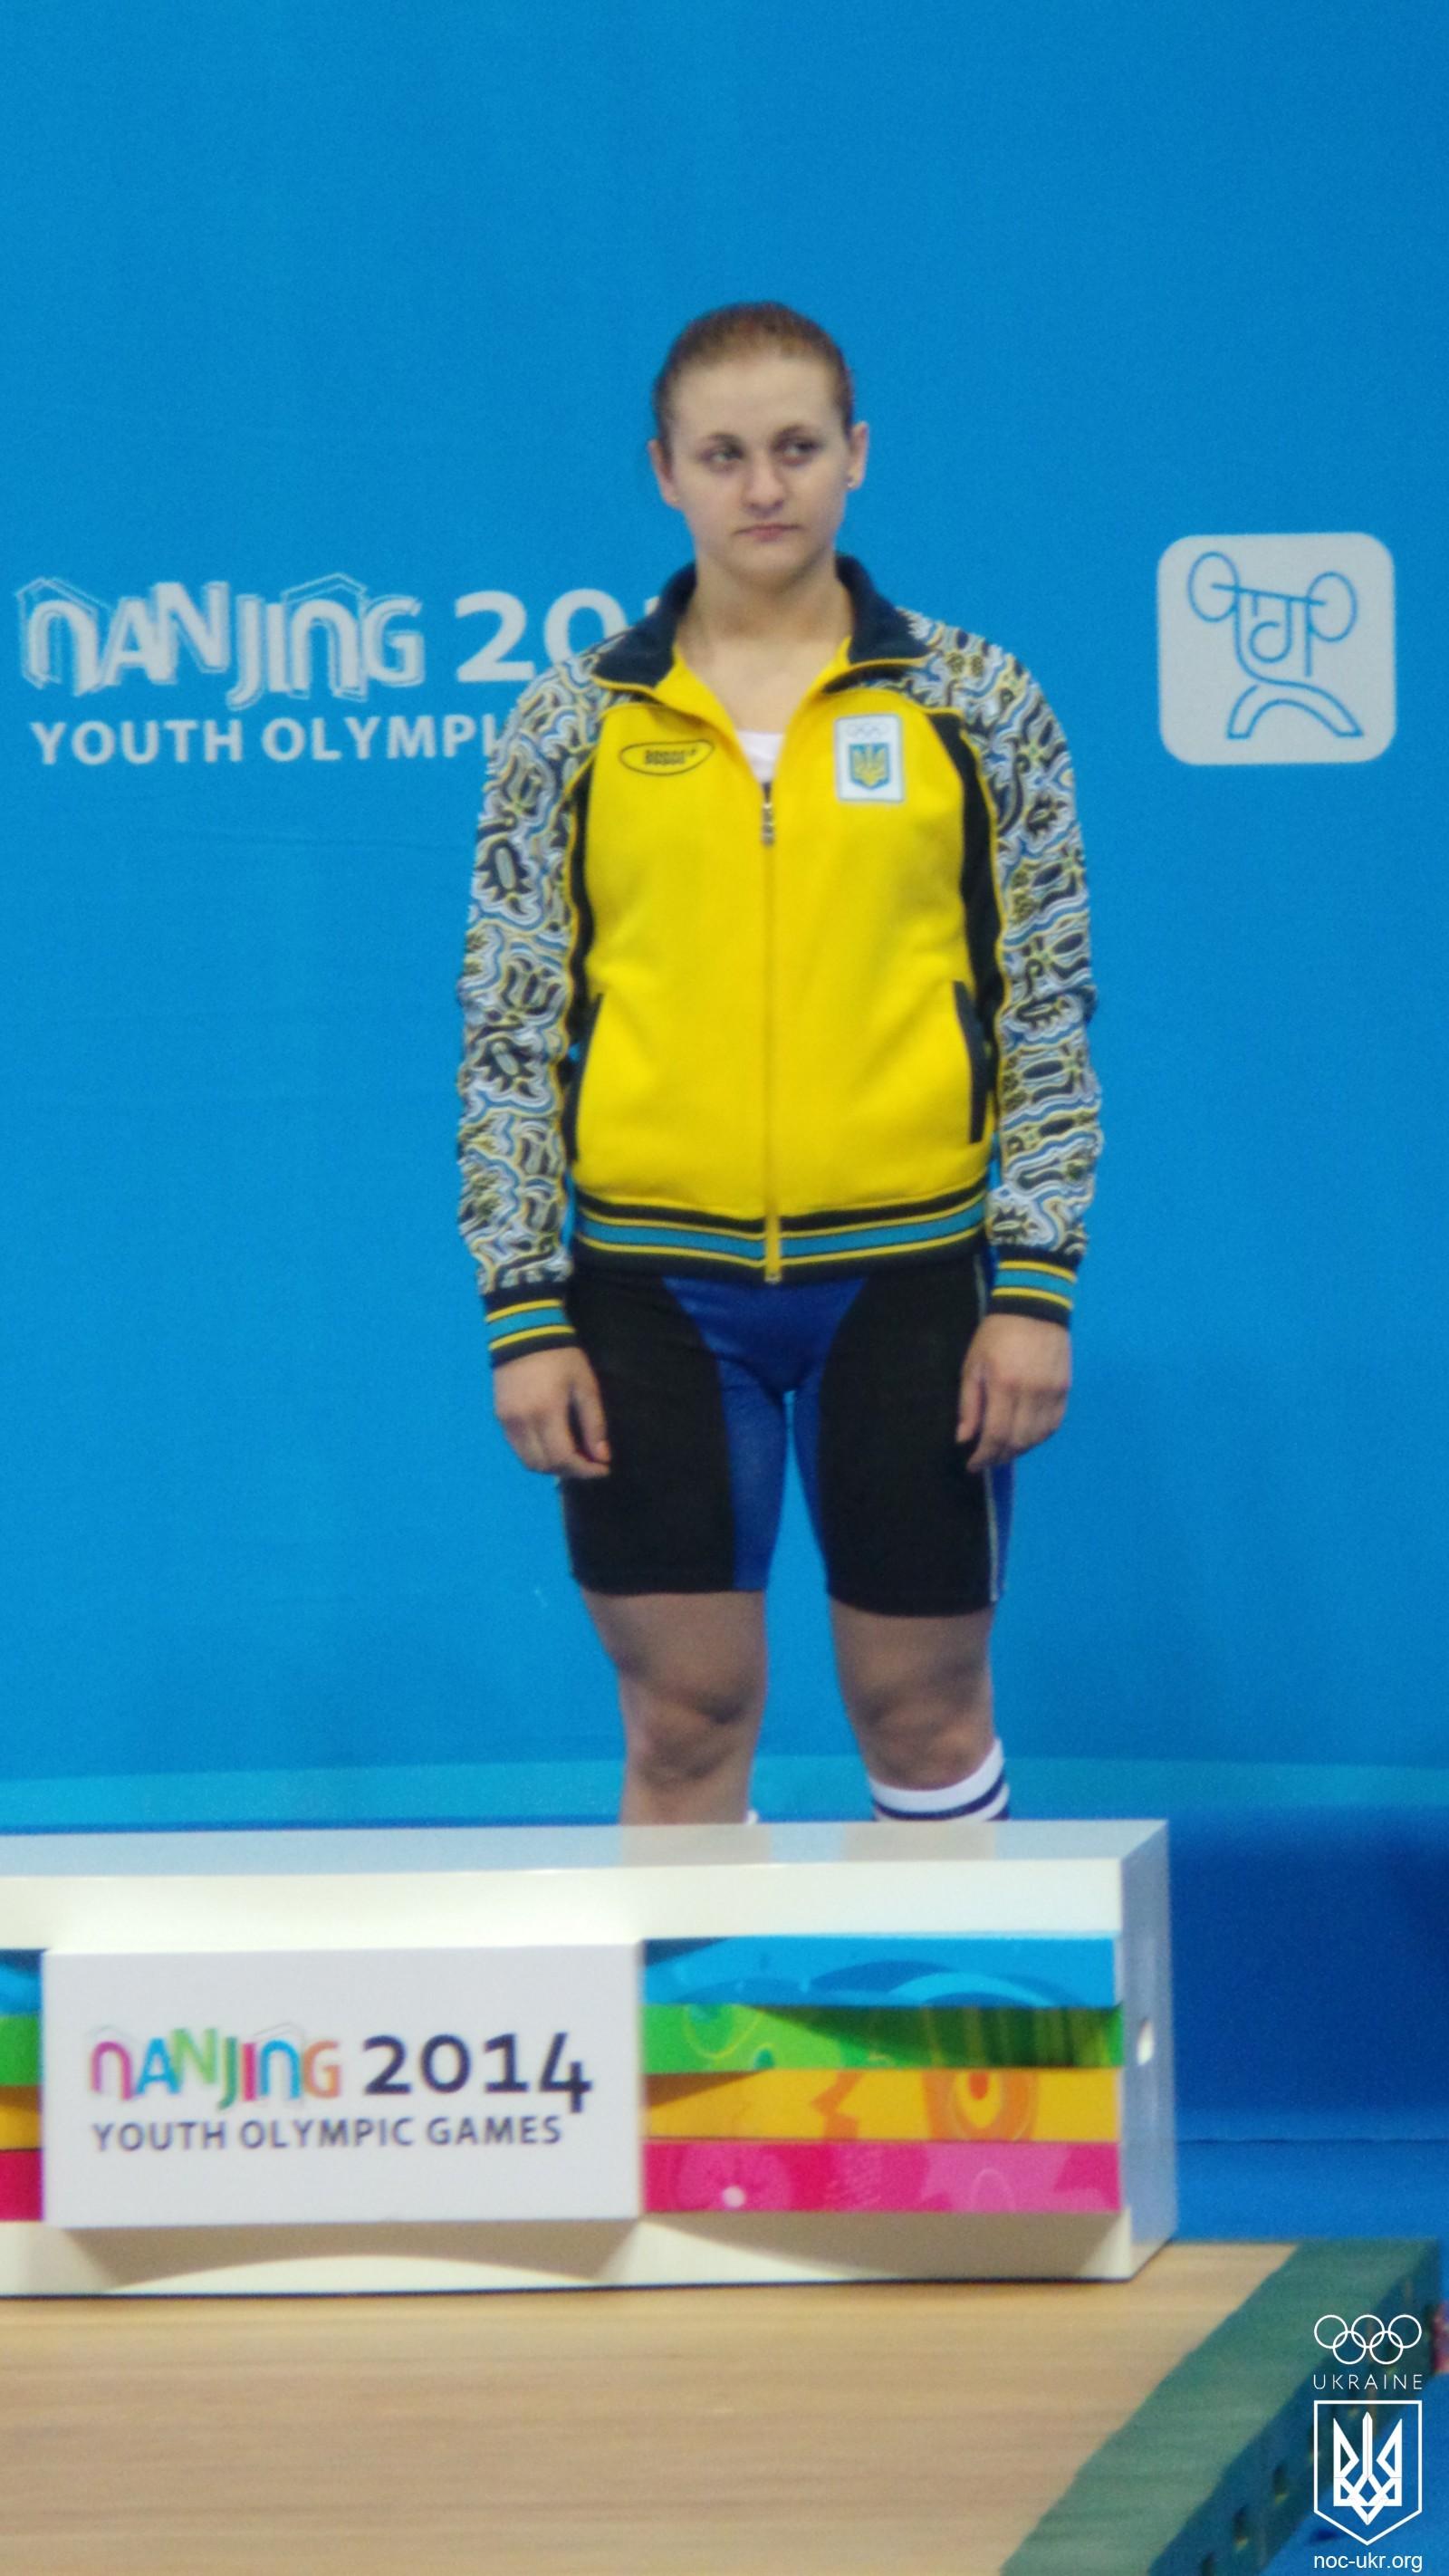 Тяжелоатлетка София Зенченко завоевала для Украины пятую медаль Нанкина